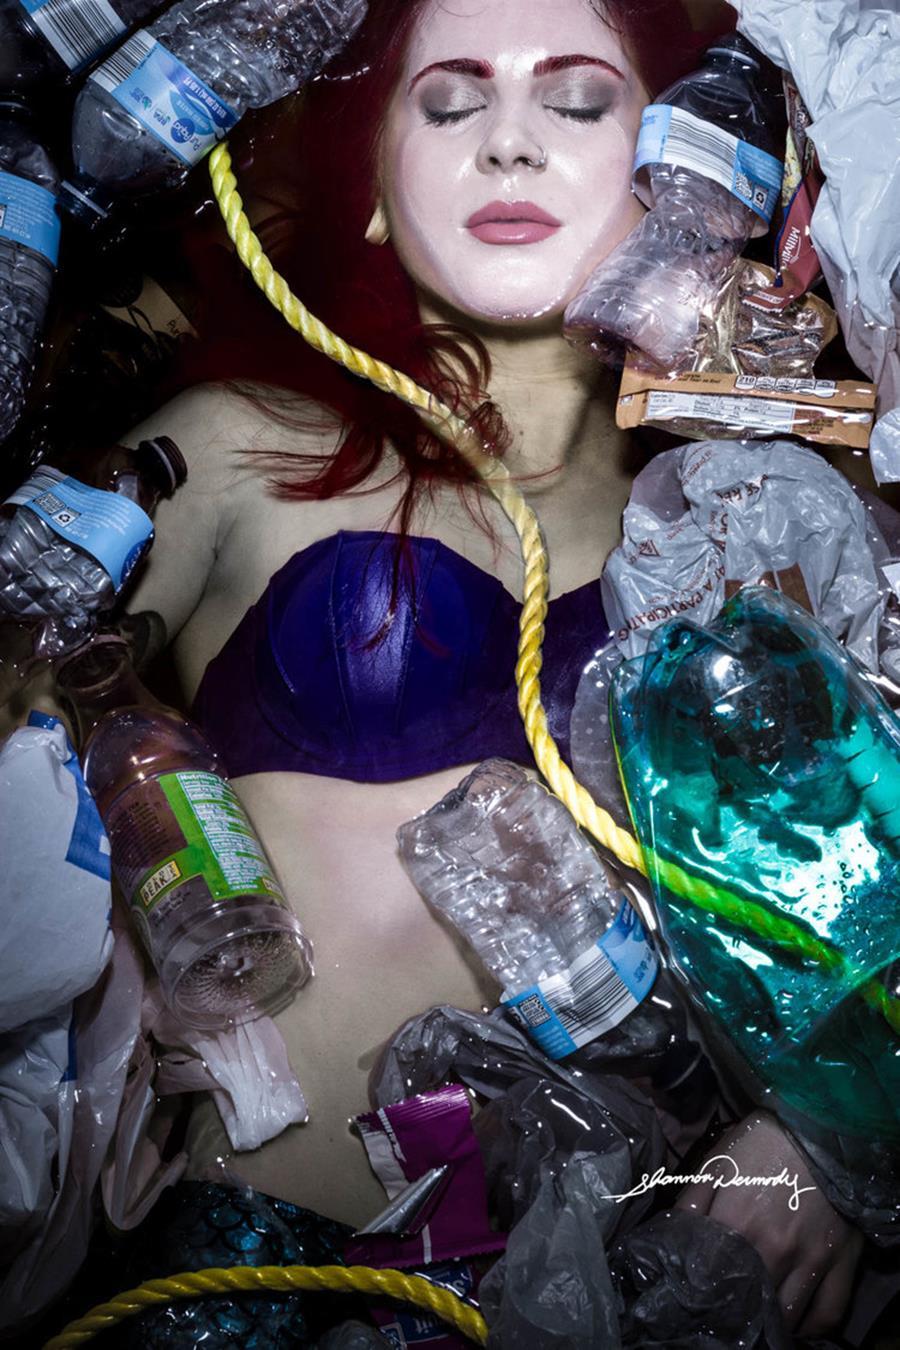 Shannon Dermody princesses Disney maux société Ariel pollution